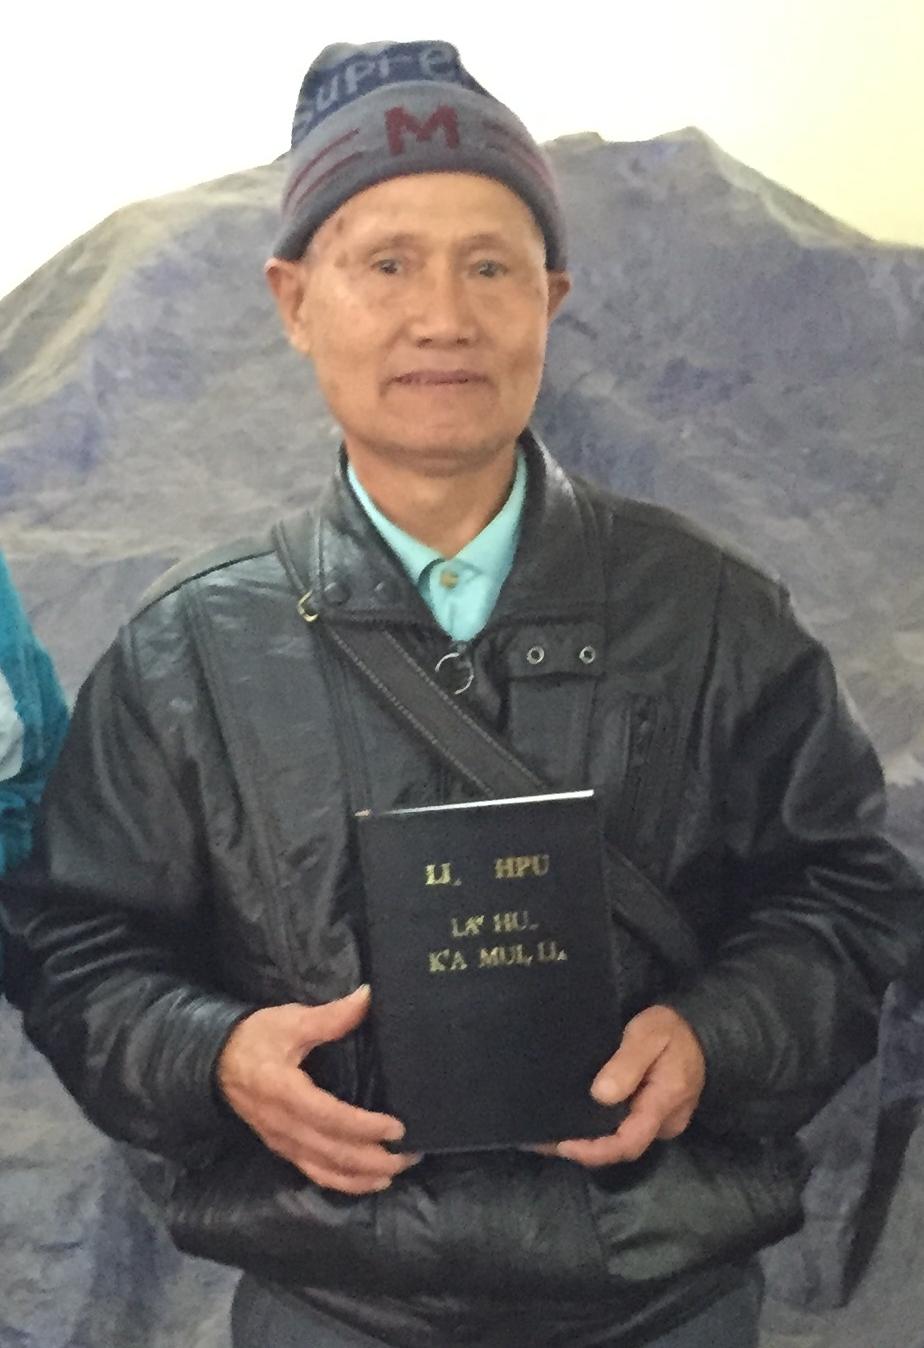 Rev. KH.jpg